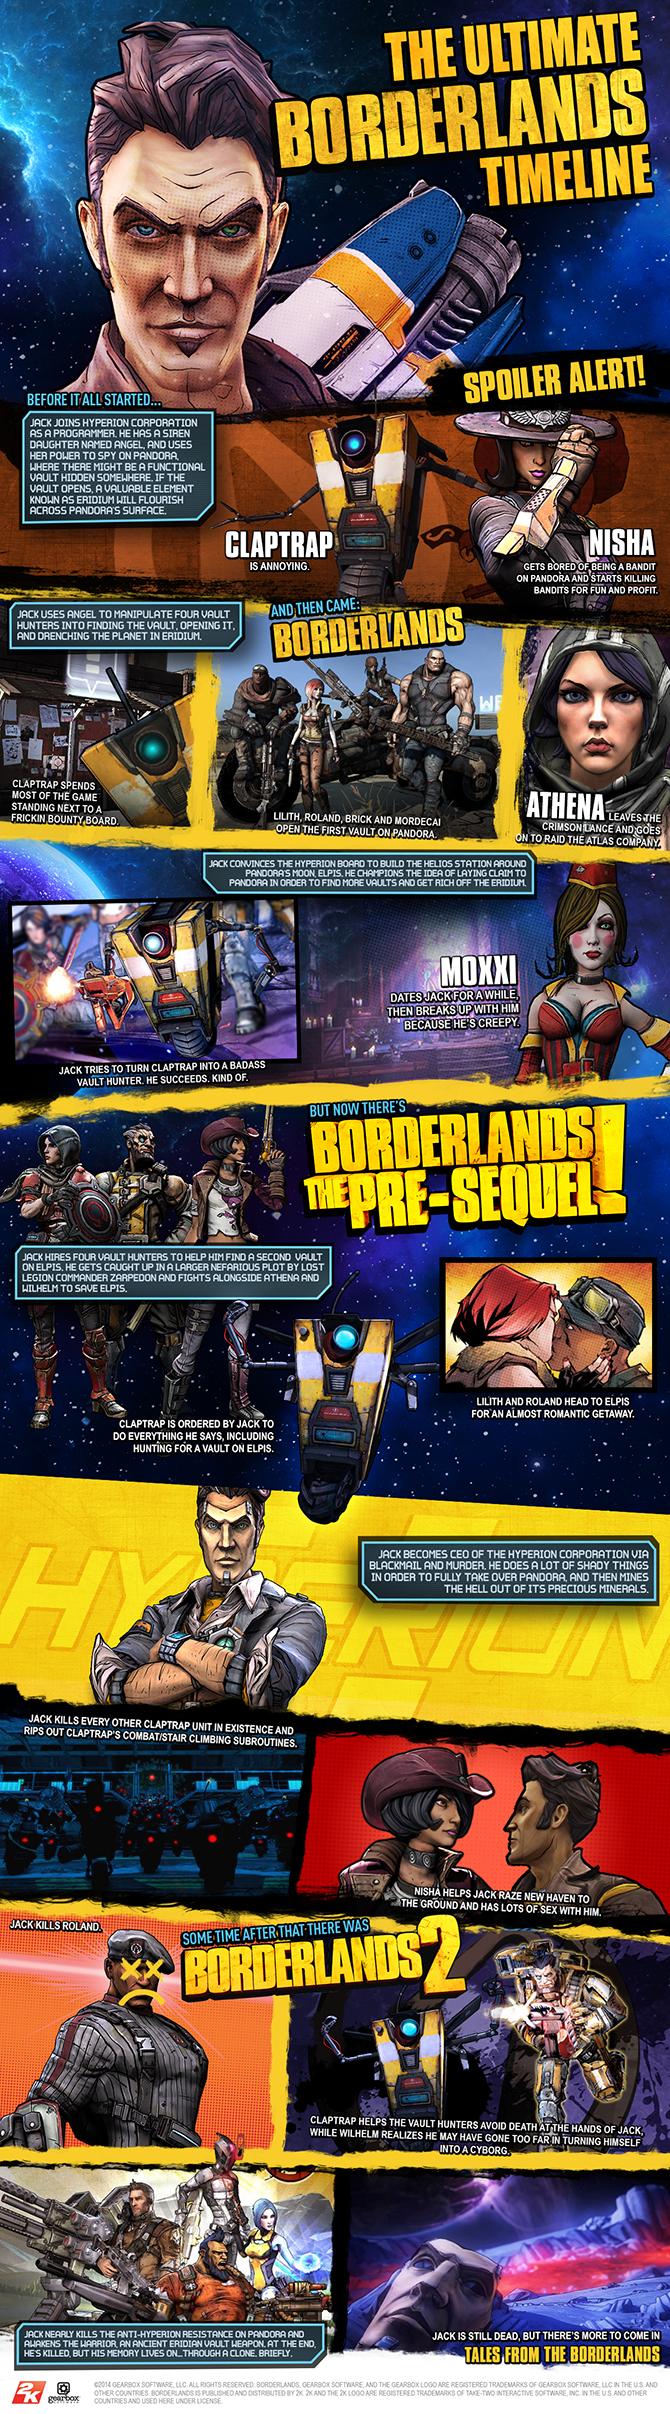 Borderlands_Timeline